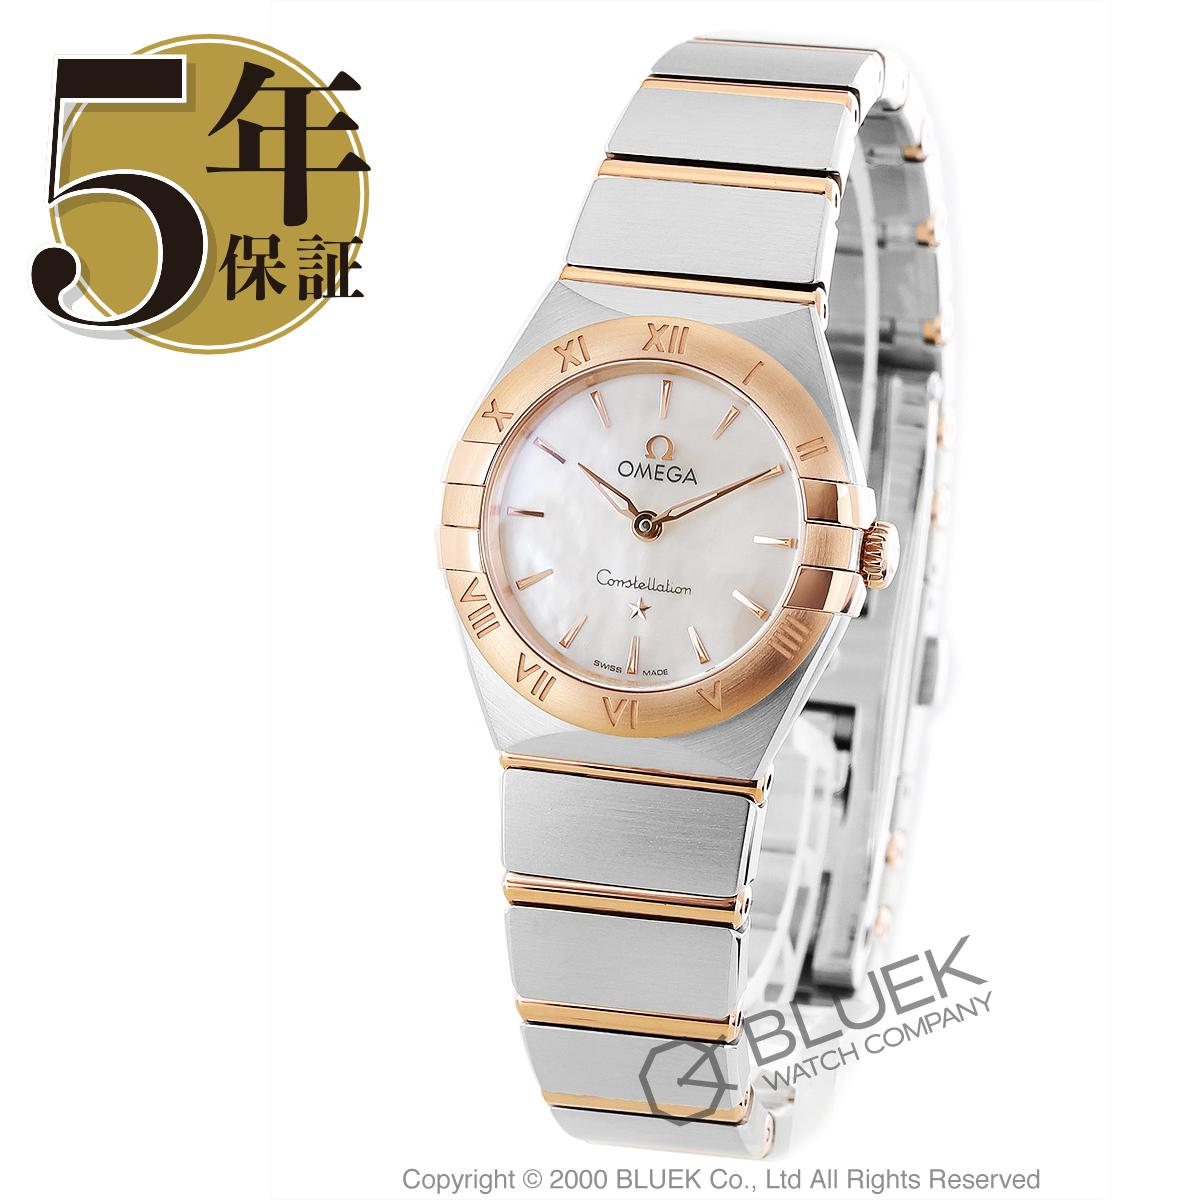 オメガ コンステレーション ブラッシュ マンハッタン 腕時計 レディース OMEGA 131.20.25.60.05.001_5